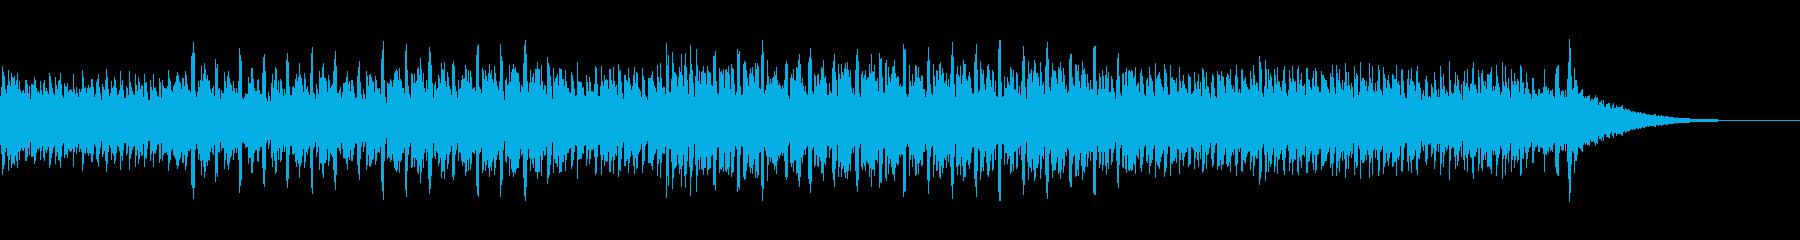 スピード感あるかっこいいメロディーの再生済みの波形